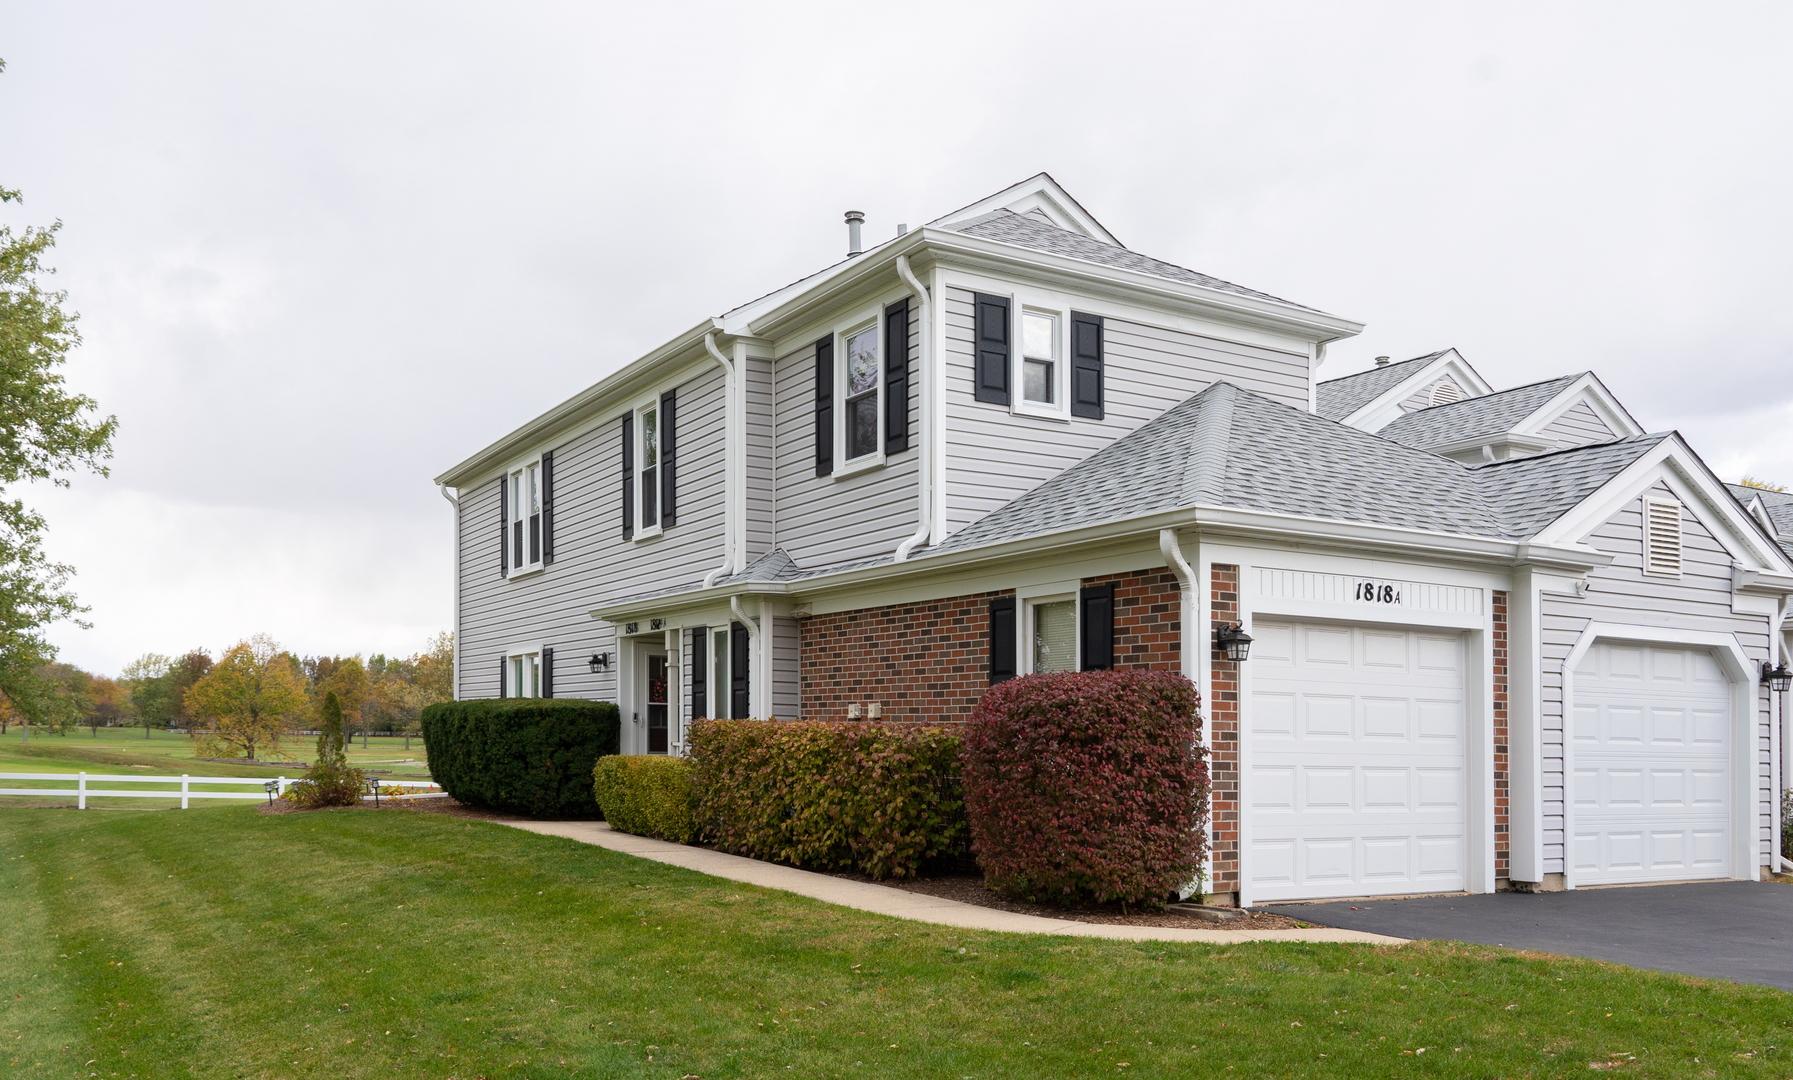 1818 Vermont Drive Unit A, Elk Grove Village IL 60007